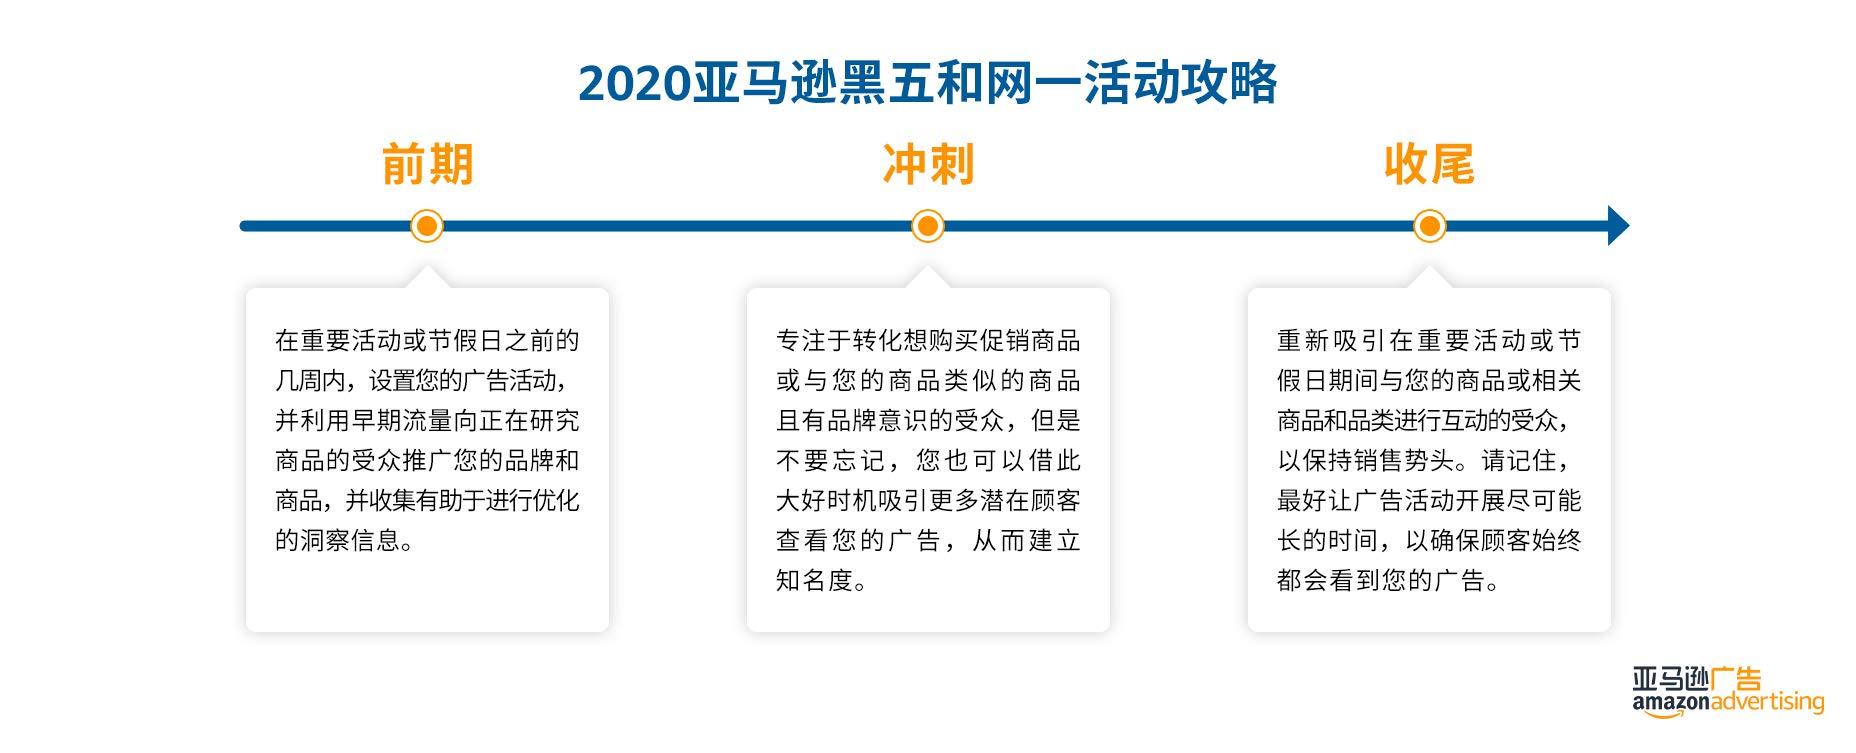 2020亚马逊黑五和网一活动阶段性攻略